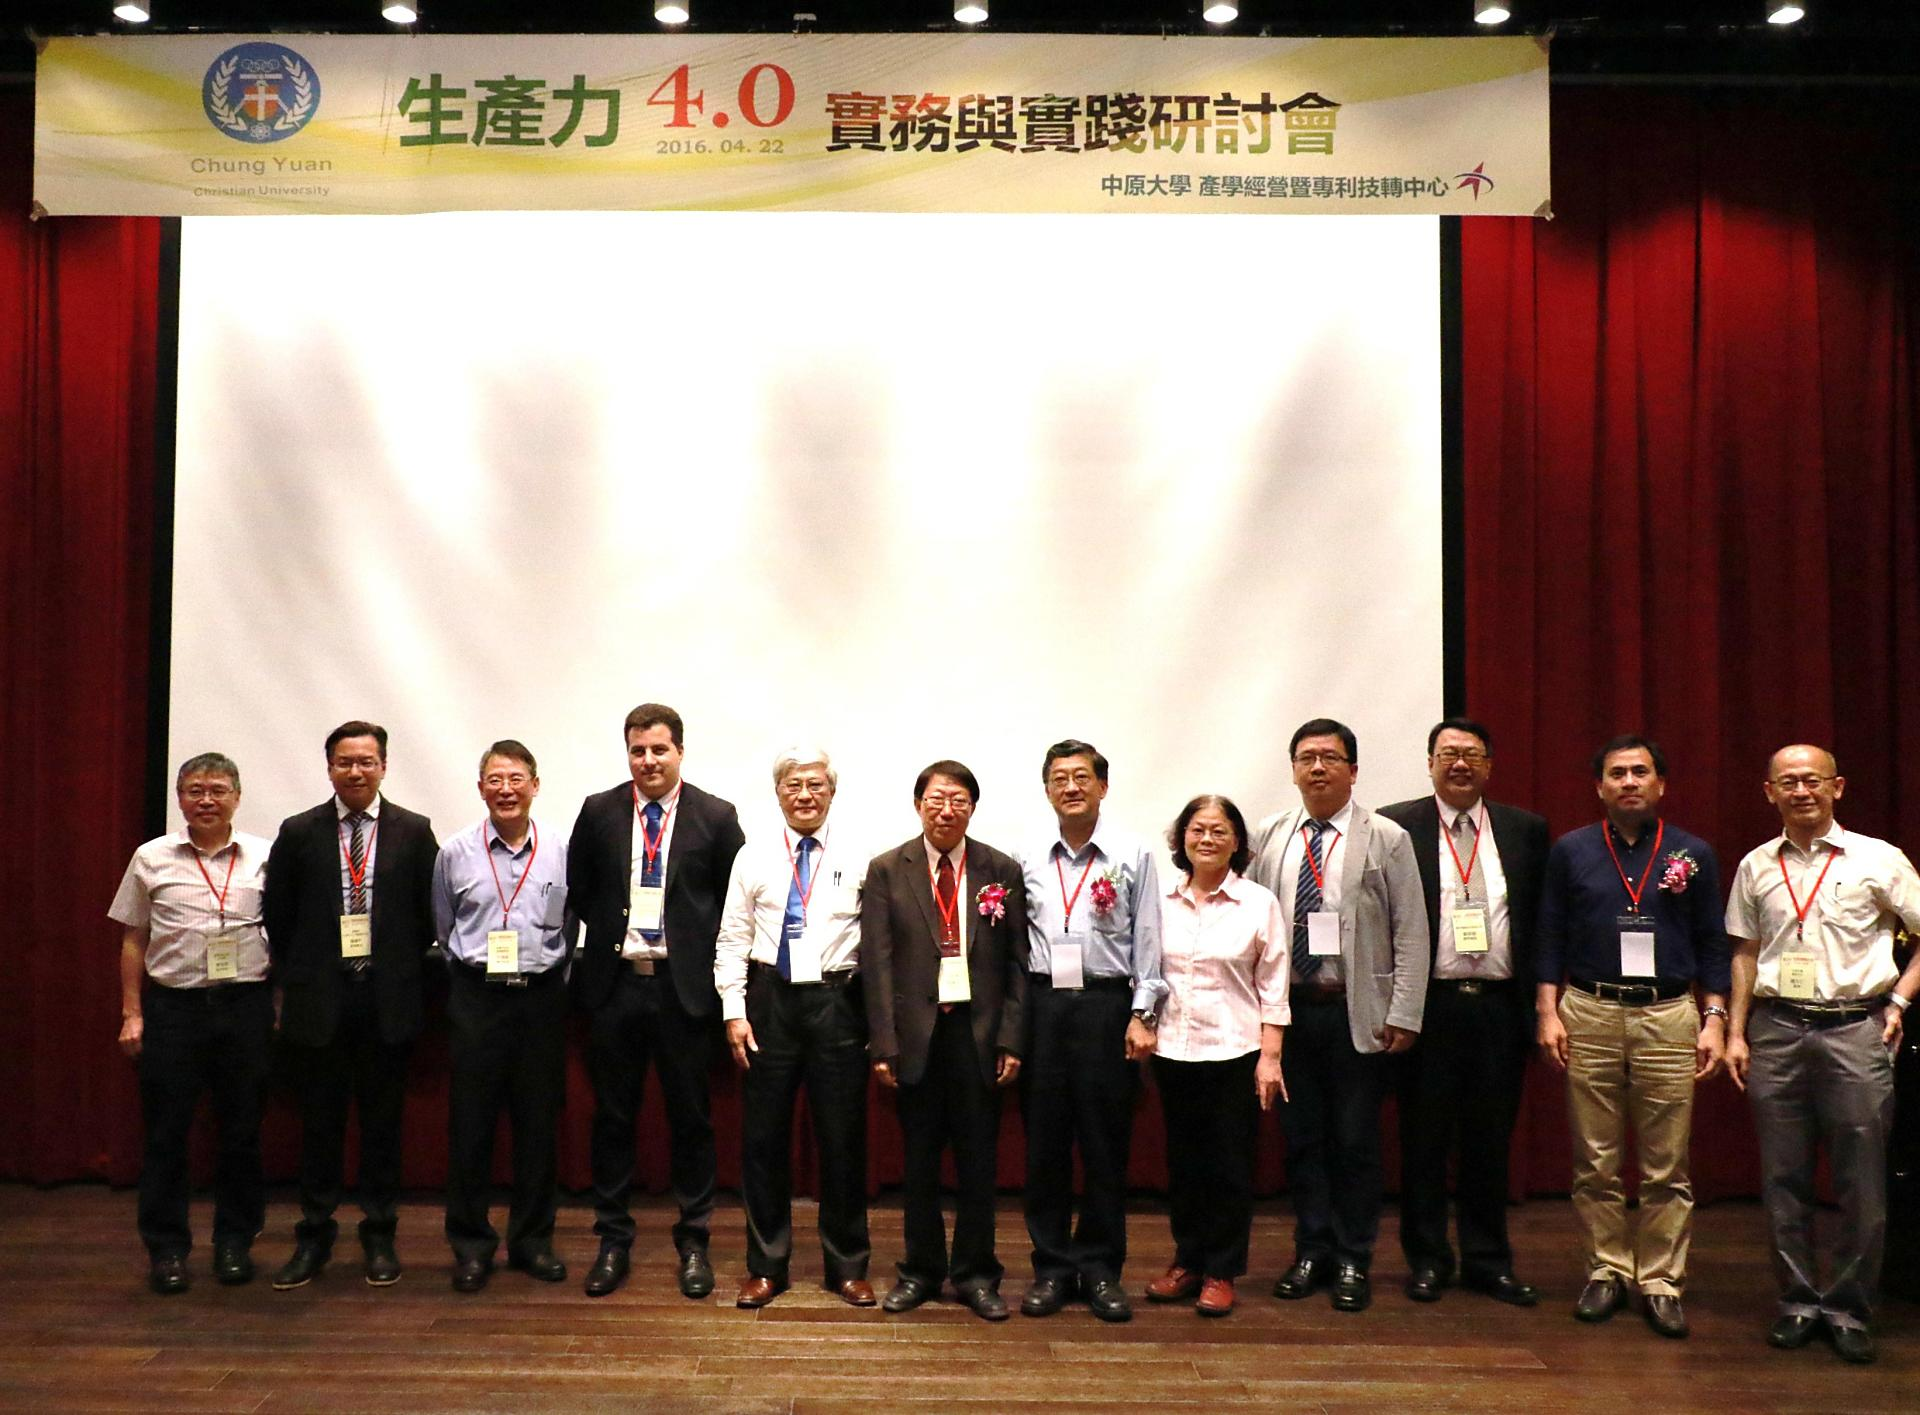 中原大學「生產力4.0創新創業示範基地」 打造國內生產力4.0示範標的